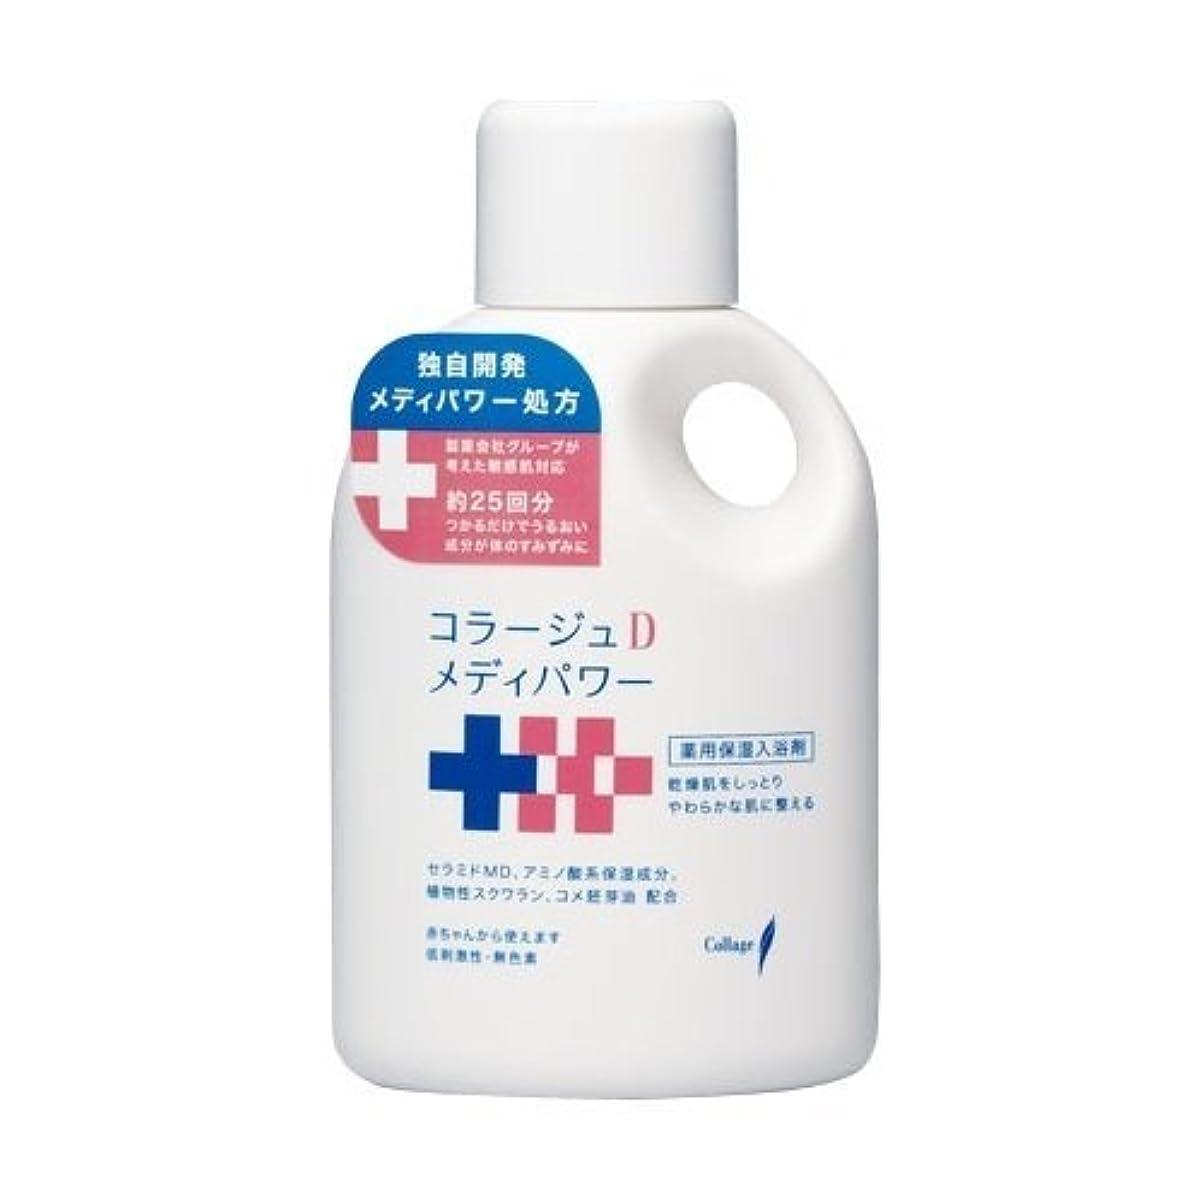 残るジャングルピーブコラージュ Dメディパワー 保湿入浴剤 500mL (医薬部外品)